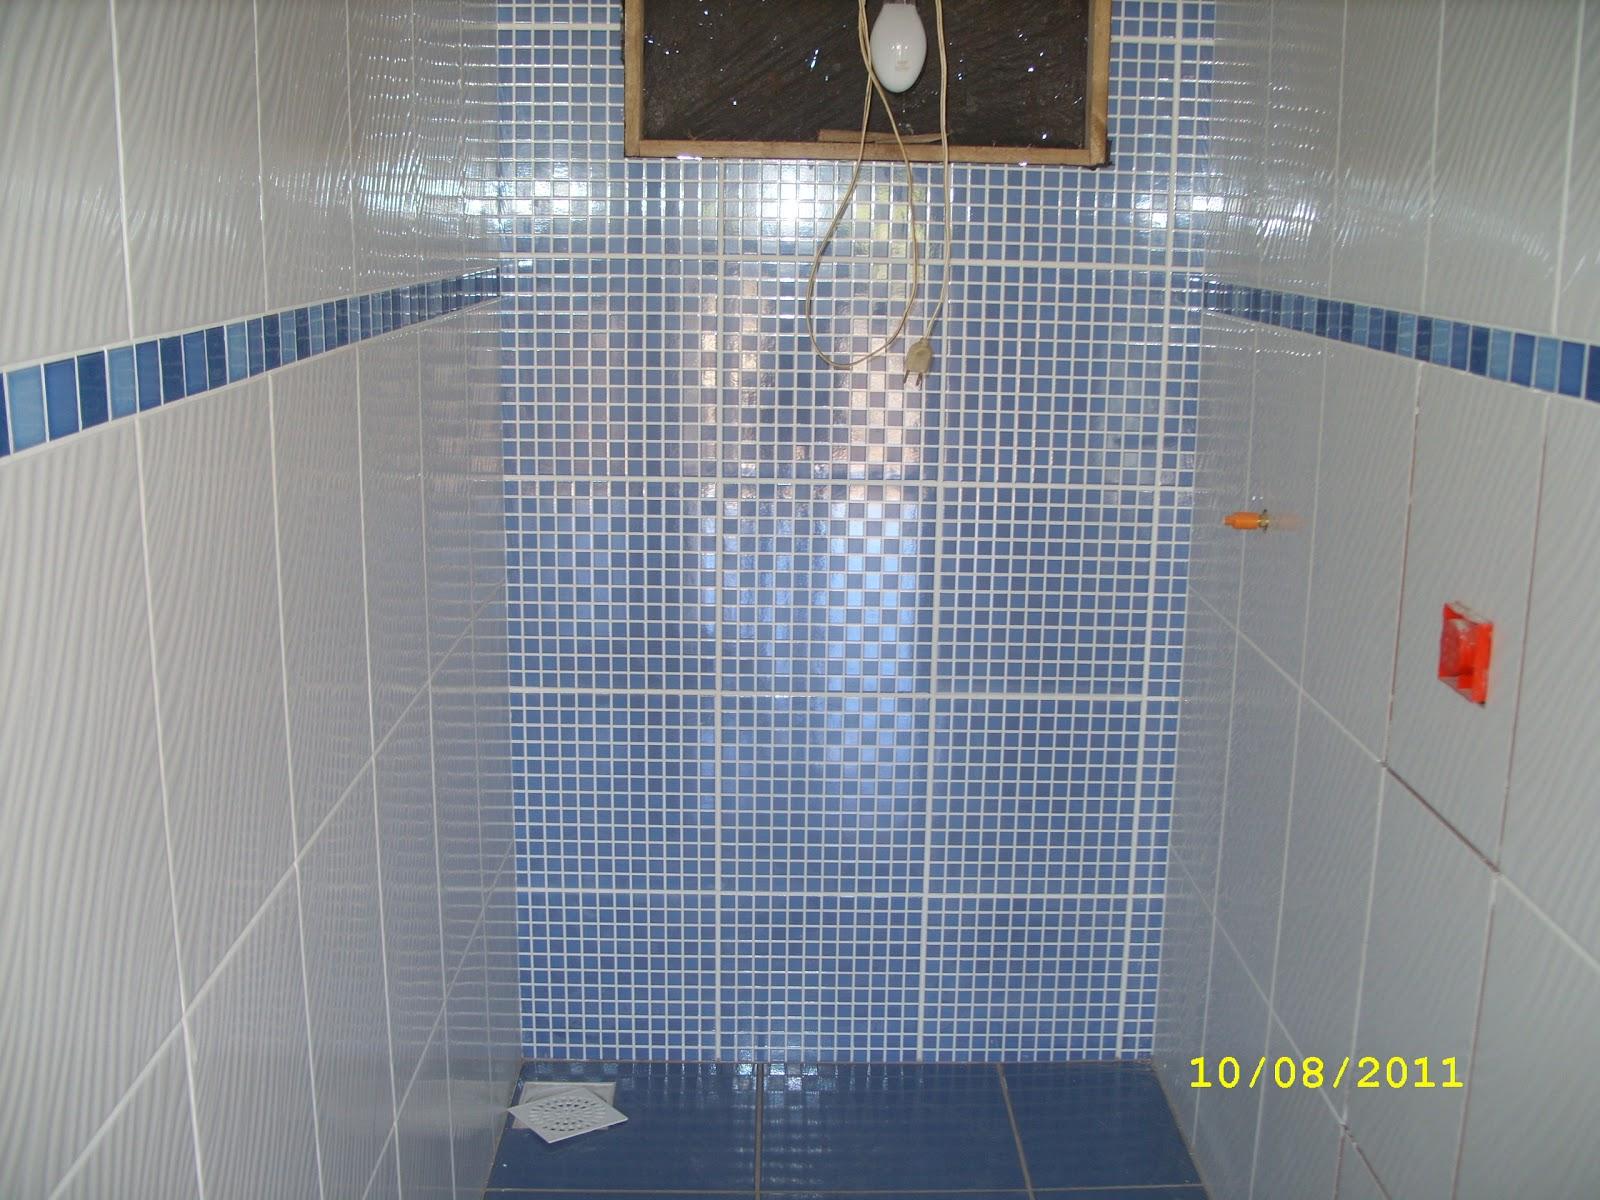 Adilson Simone e Lilica em construção!!!: Pisos banheiros #4A5F81 1600x1200 Banheiro Com Azul